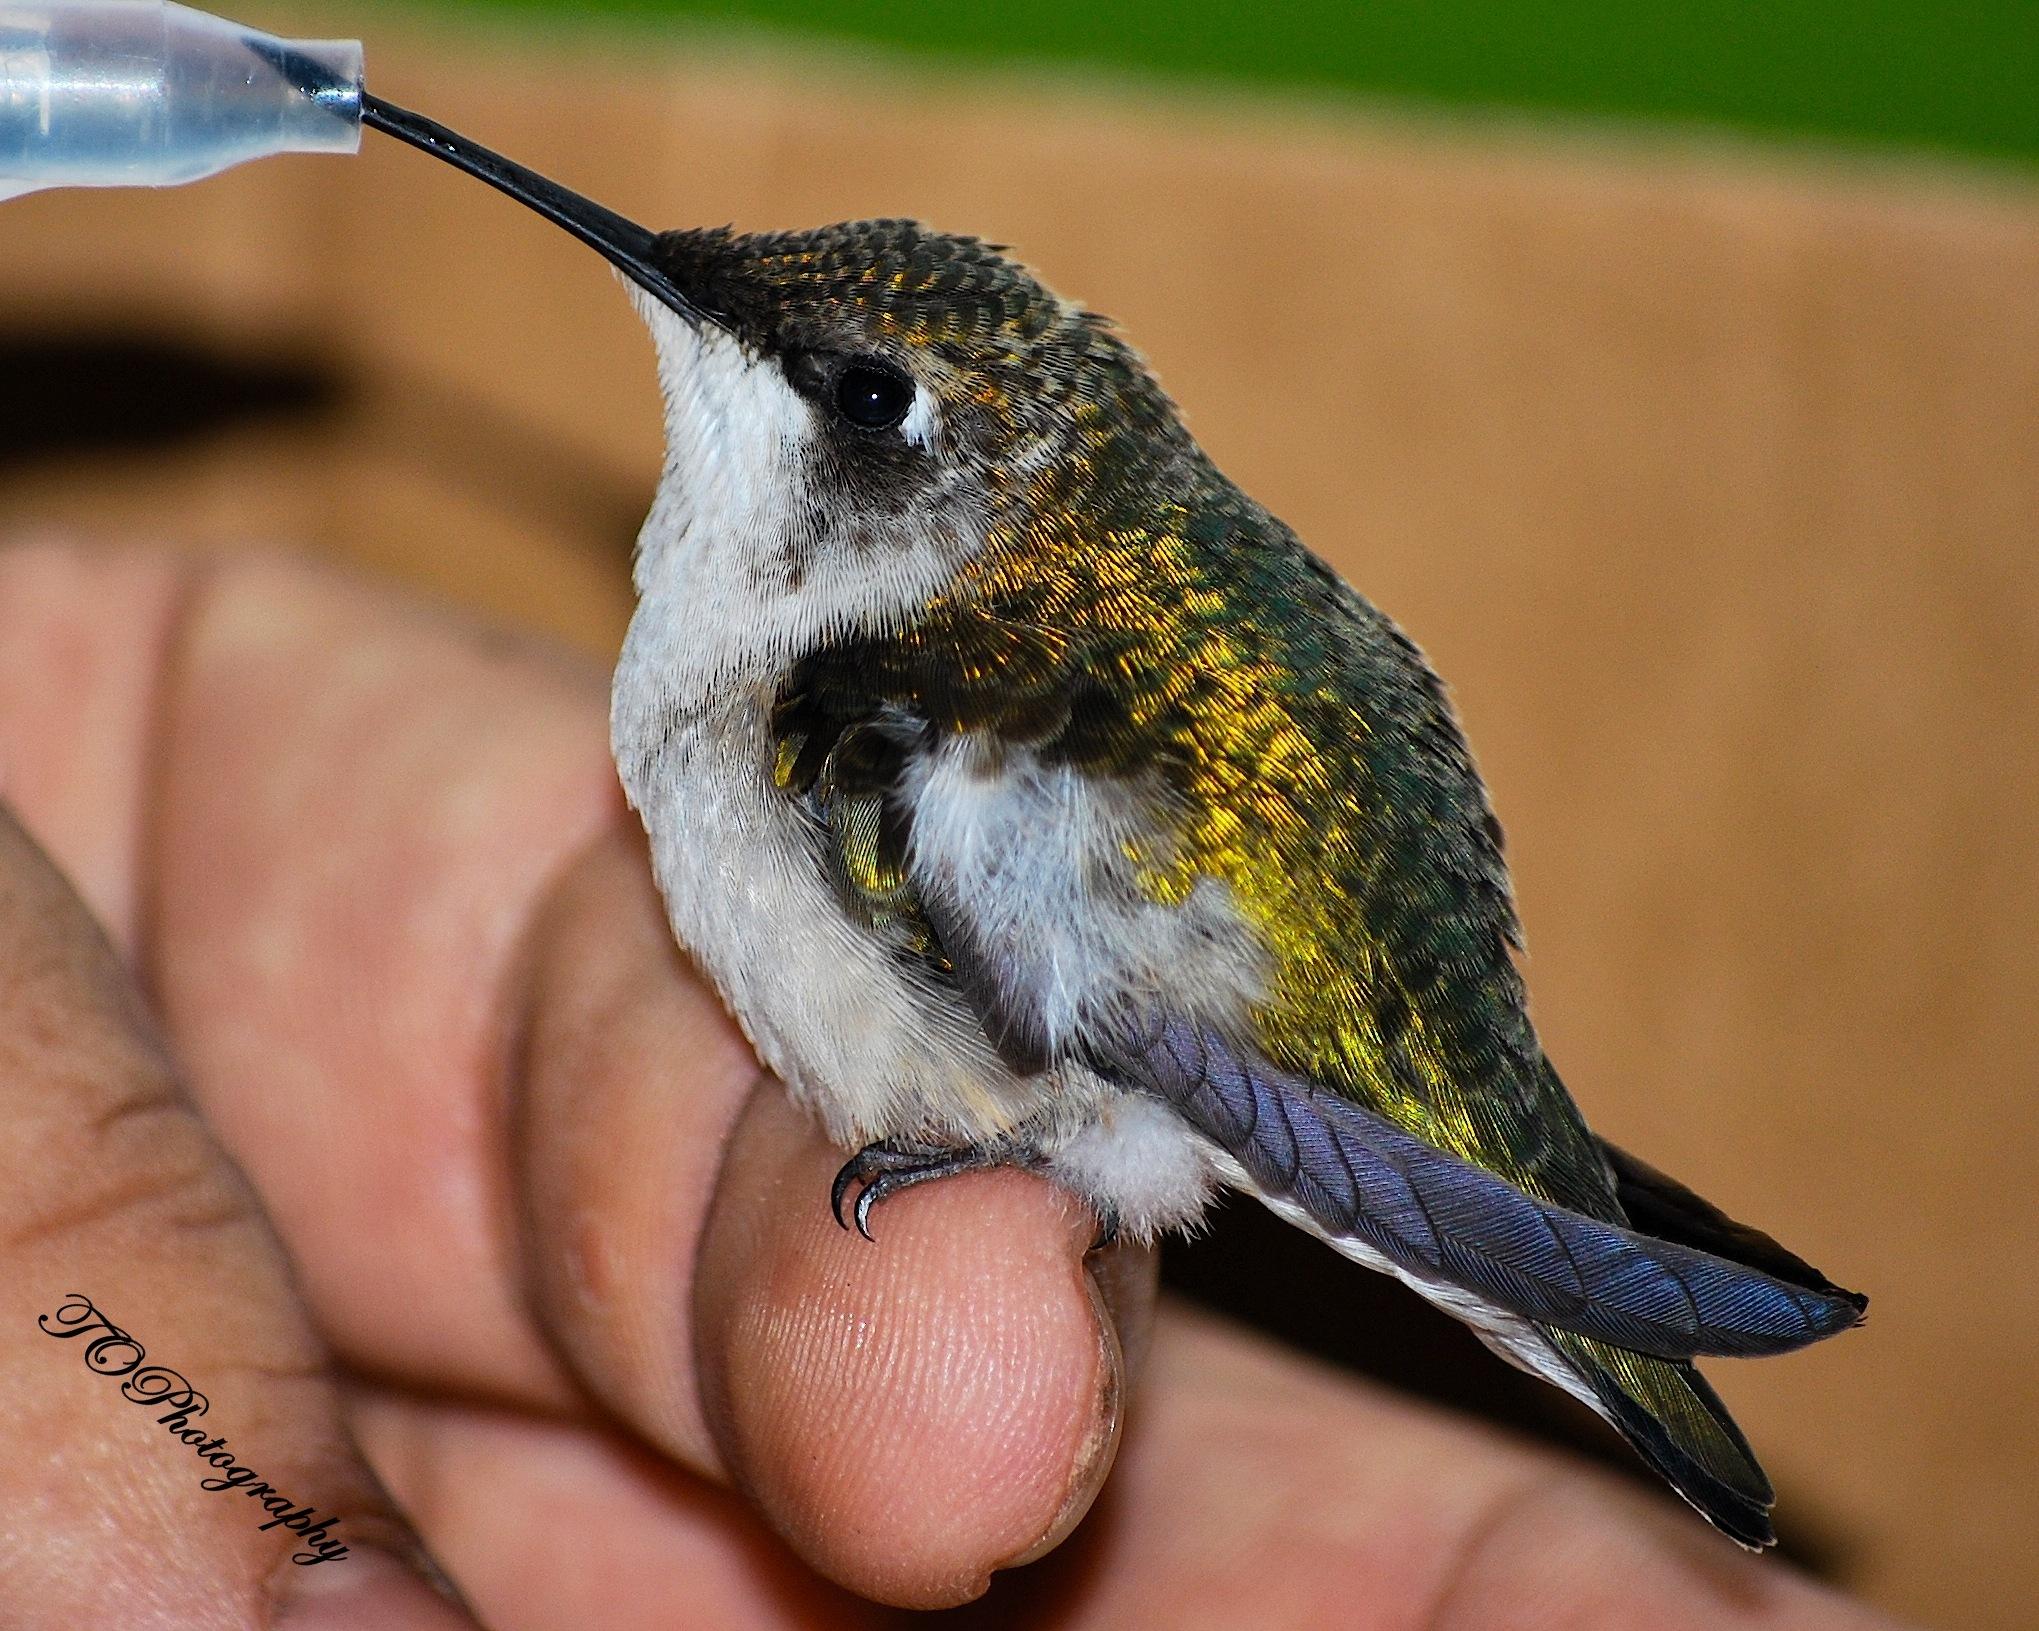 Humming bird by bctruett